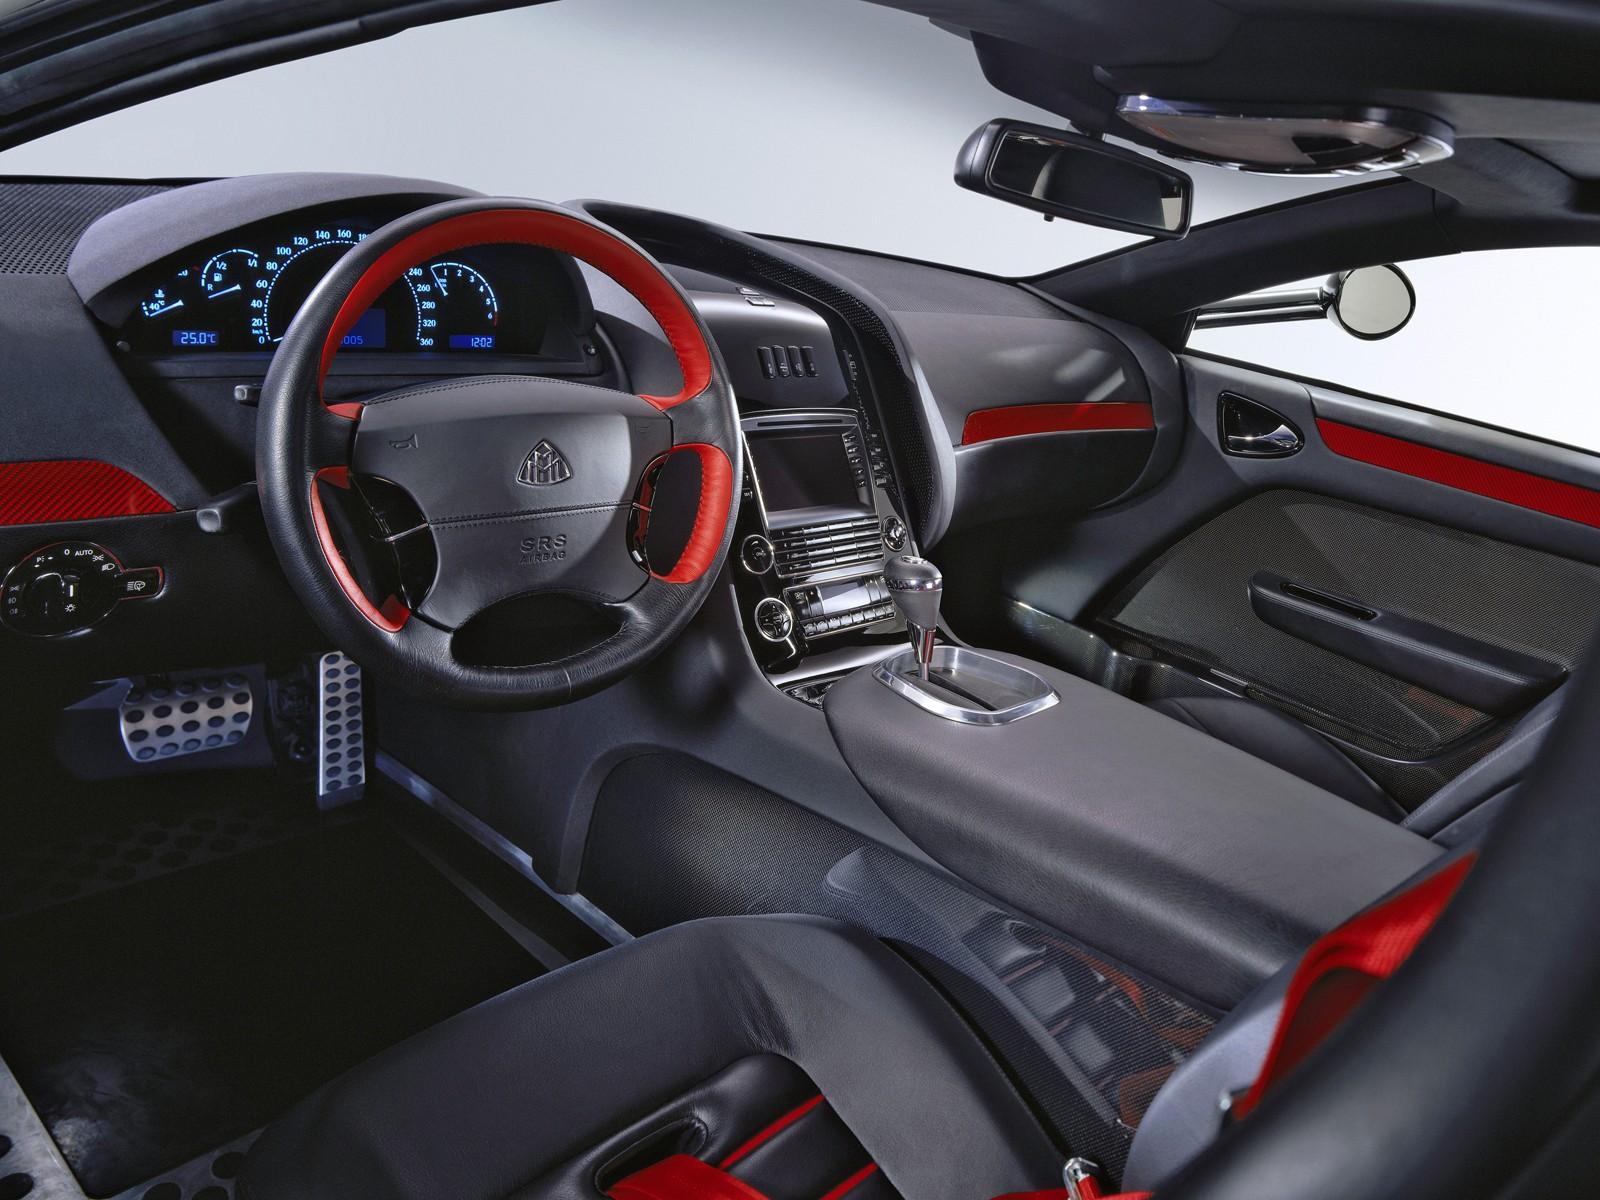 3000枚以上の世界の名車デスクトップ壁紙が無料で手にはいるサービス 走るホヌ ニュースな個人ブログ